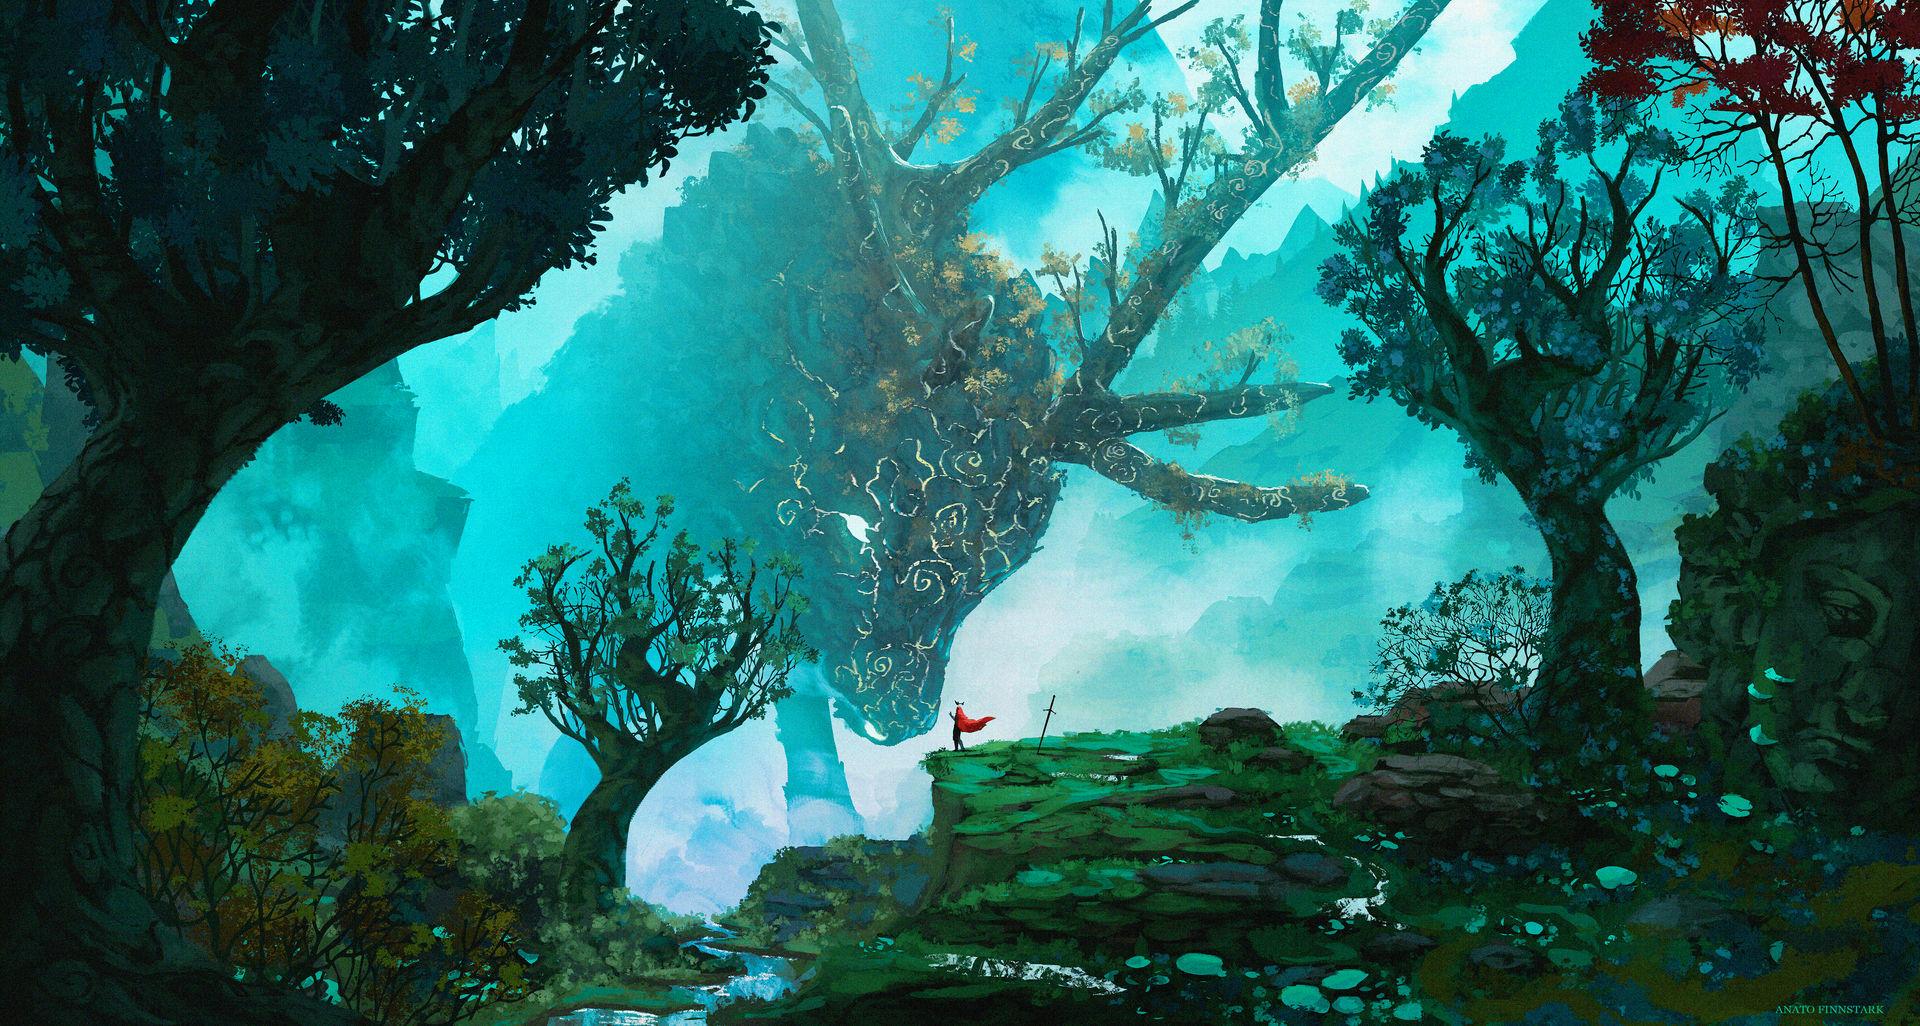 Artist:  Anato Finnstark  Sourced:  http://bit.ly/2DgDai9